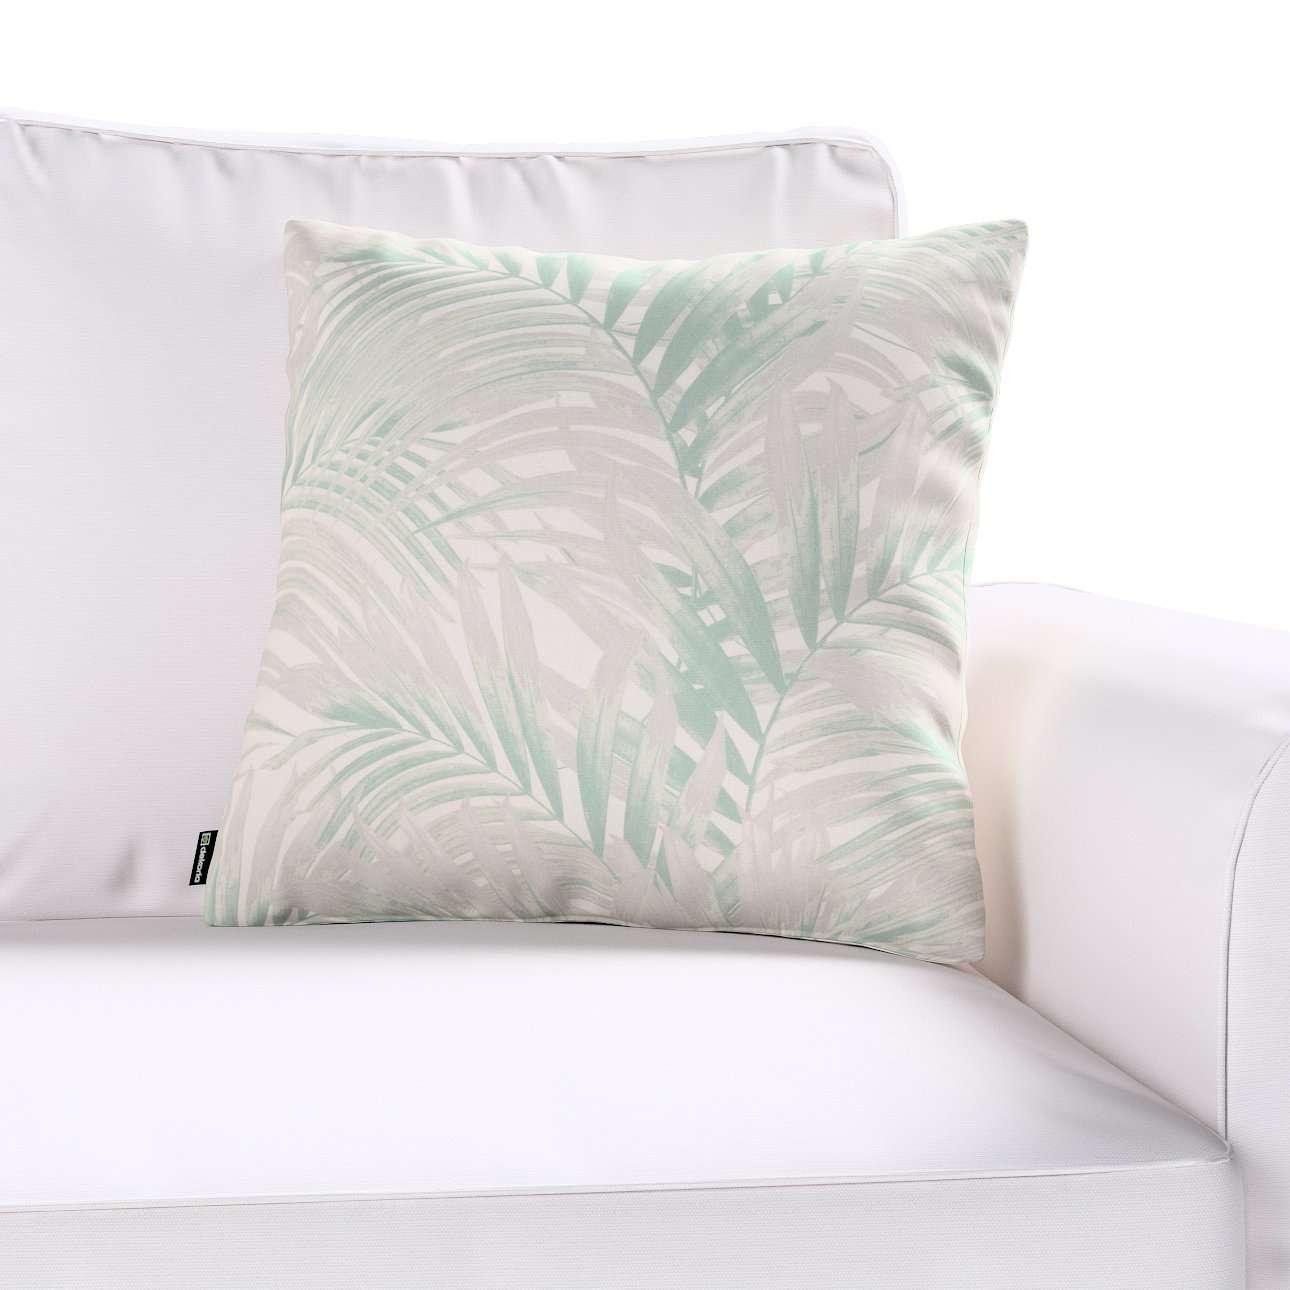 Poszewka Kinga na poduszkę w kolekcji Gardenia, tkanina: 142-15